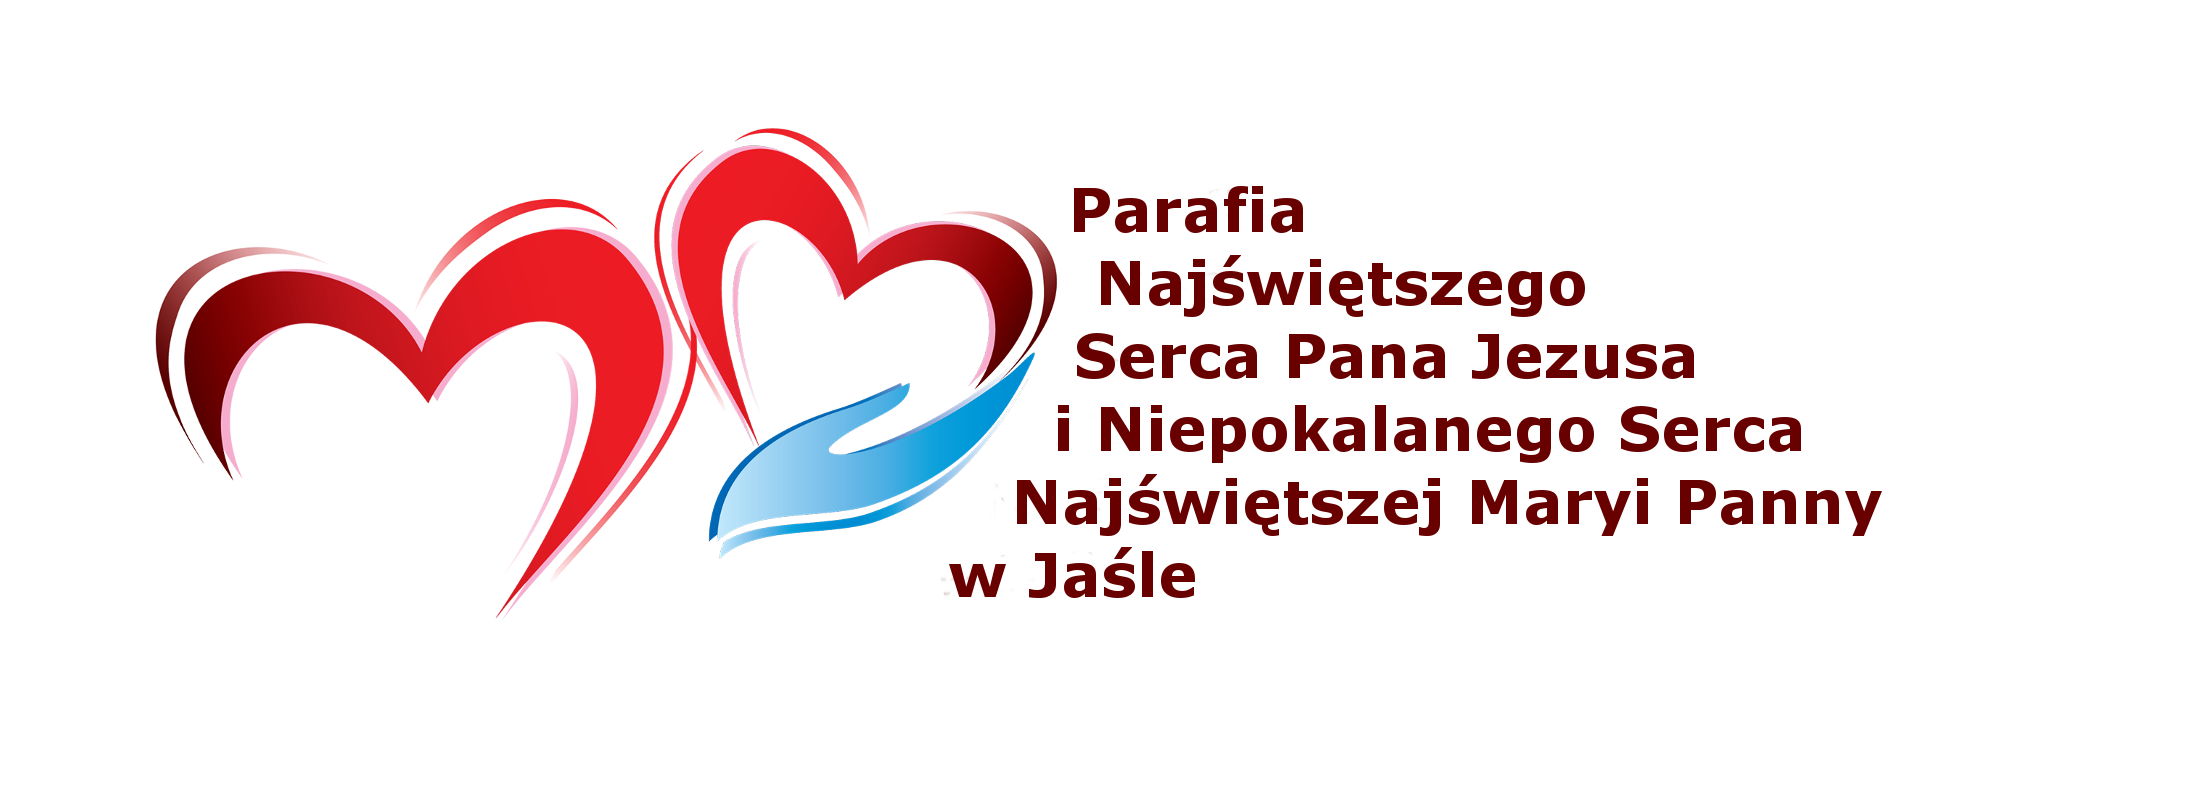 Parafia Najświętszego Serca Pana Jezusa  i Niepokalanego Serca Najświętszej Maryi Panny w Jaśle